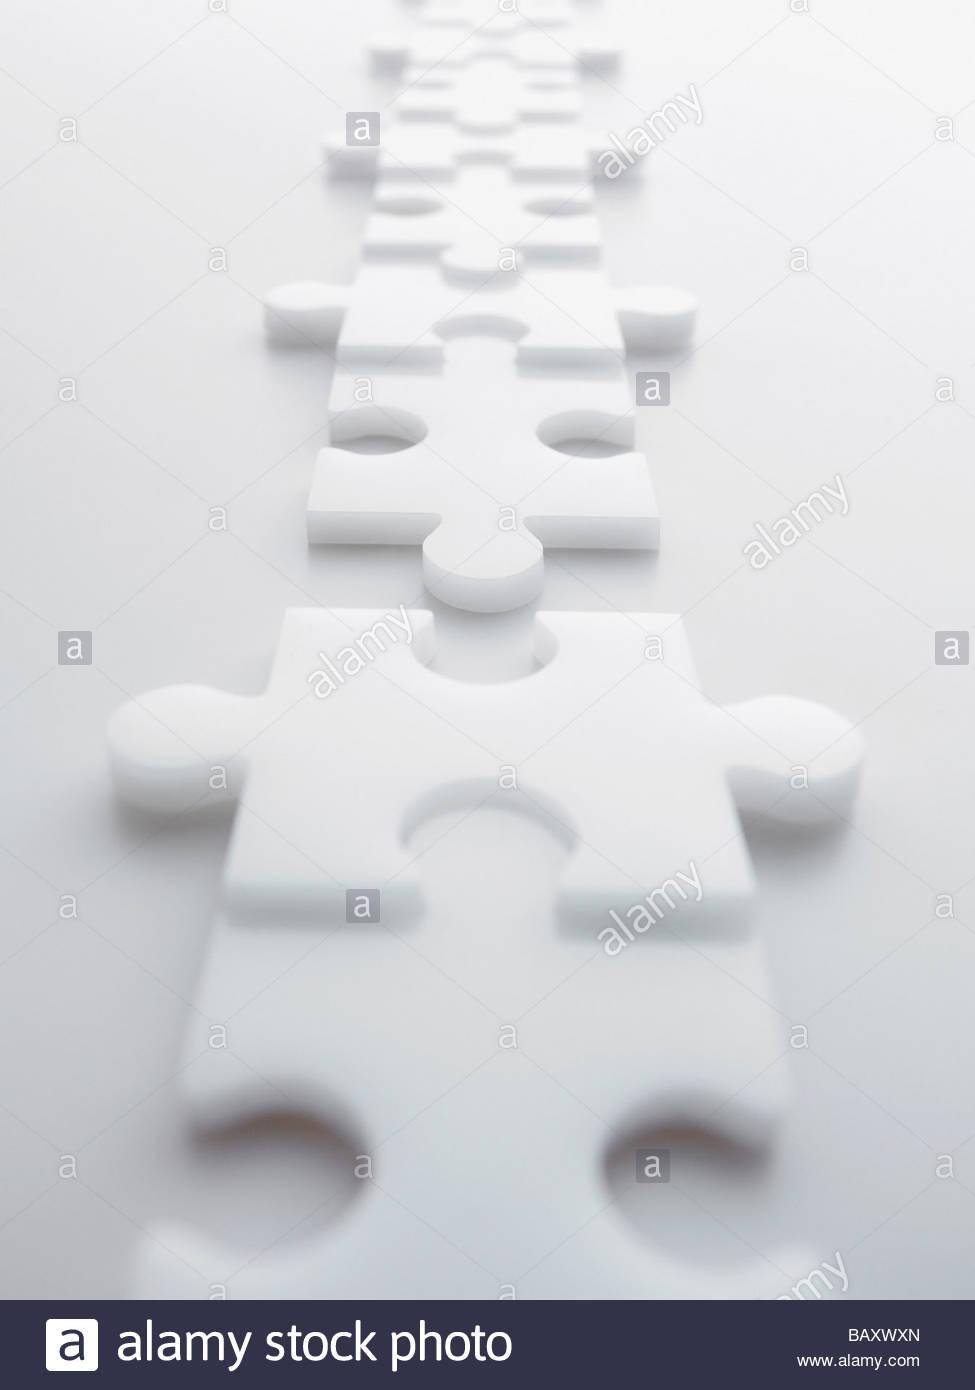 Zwei Linien der getrennten ineinandergreifenden Puzzleteile Stockbild